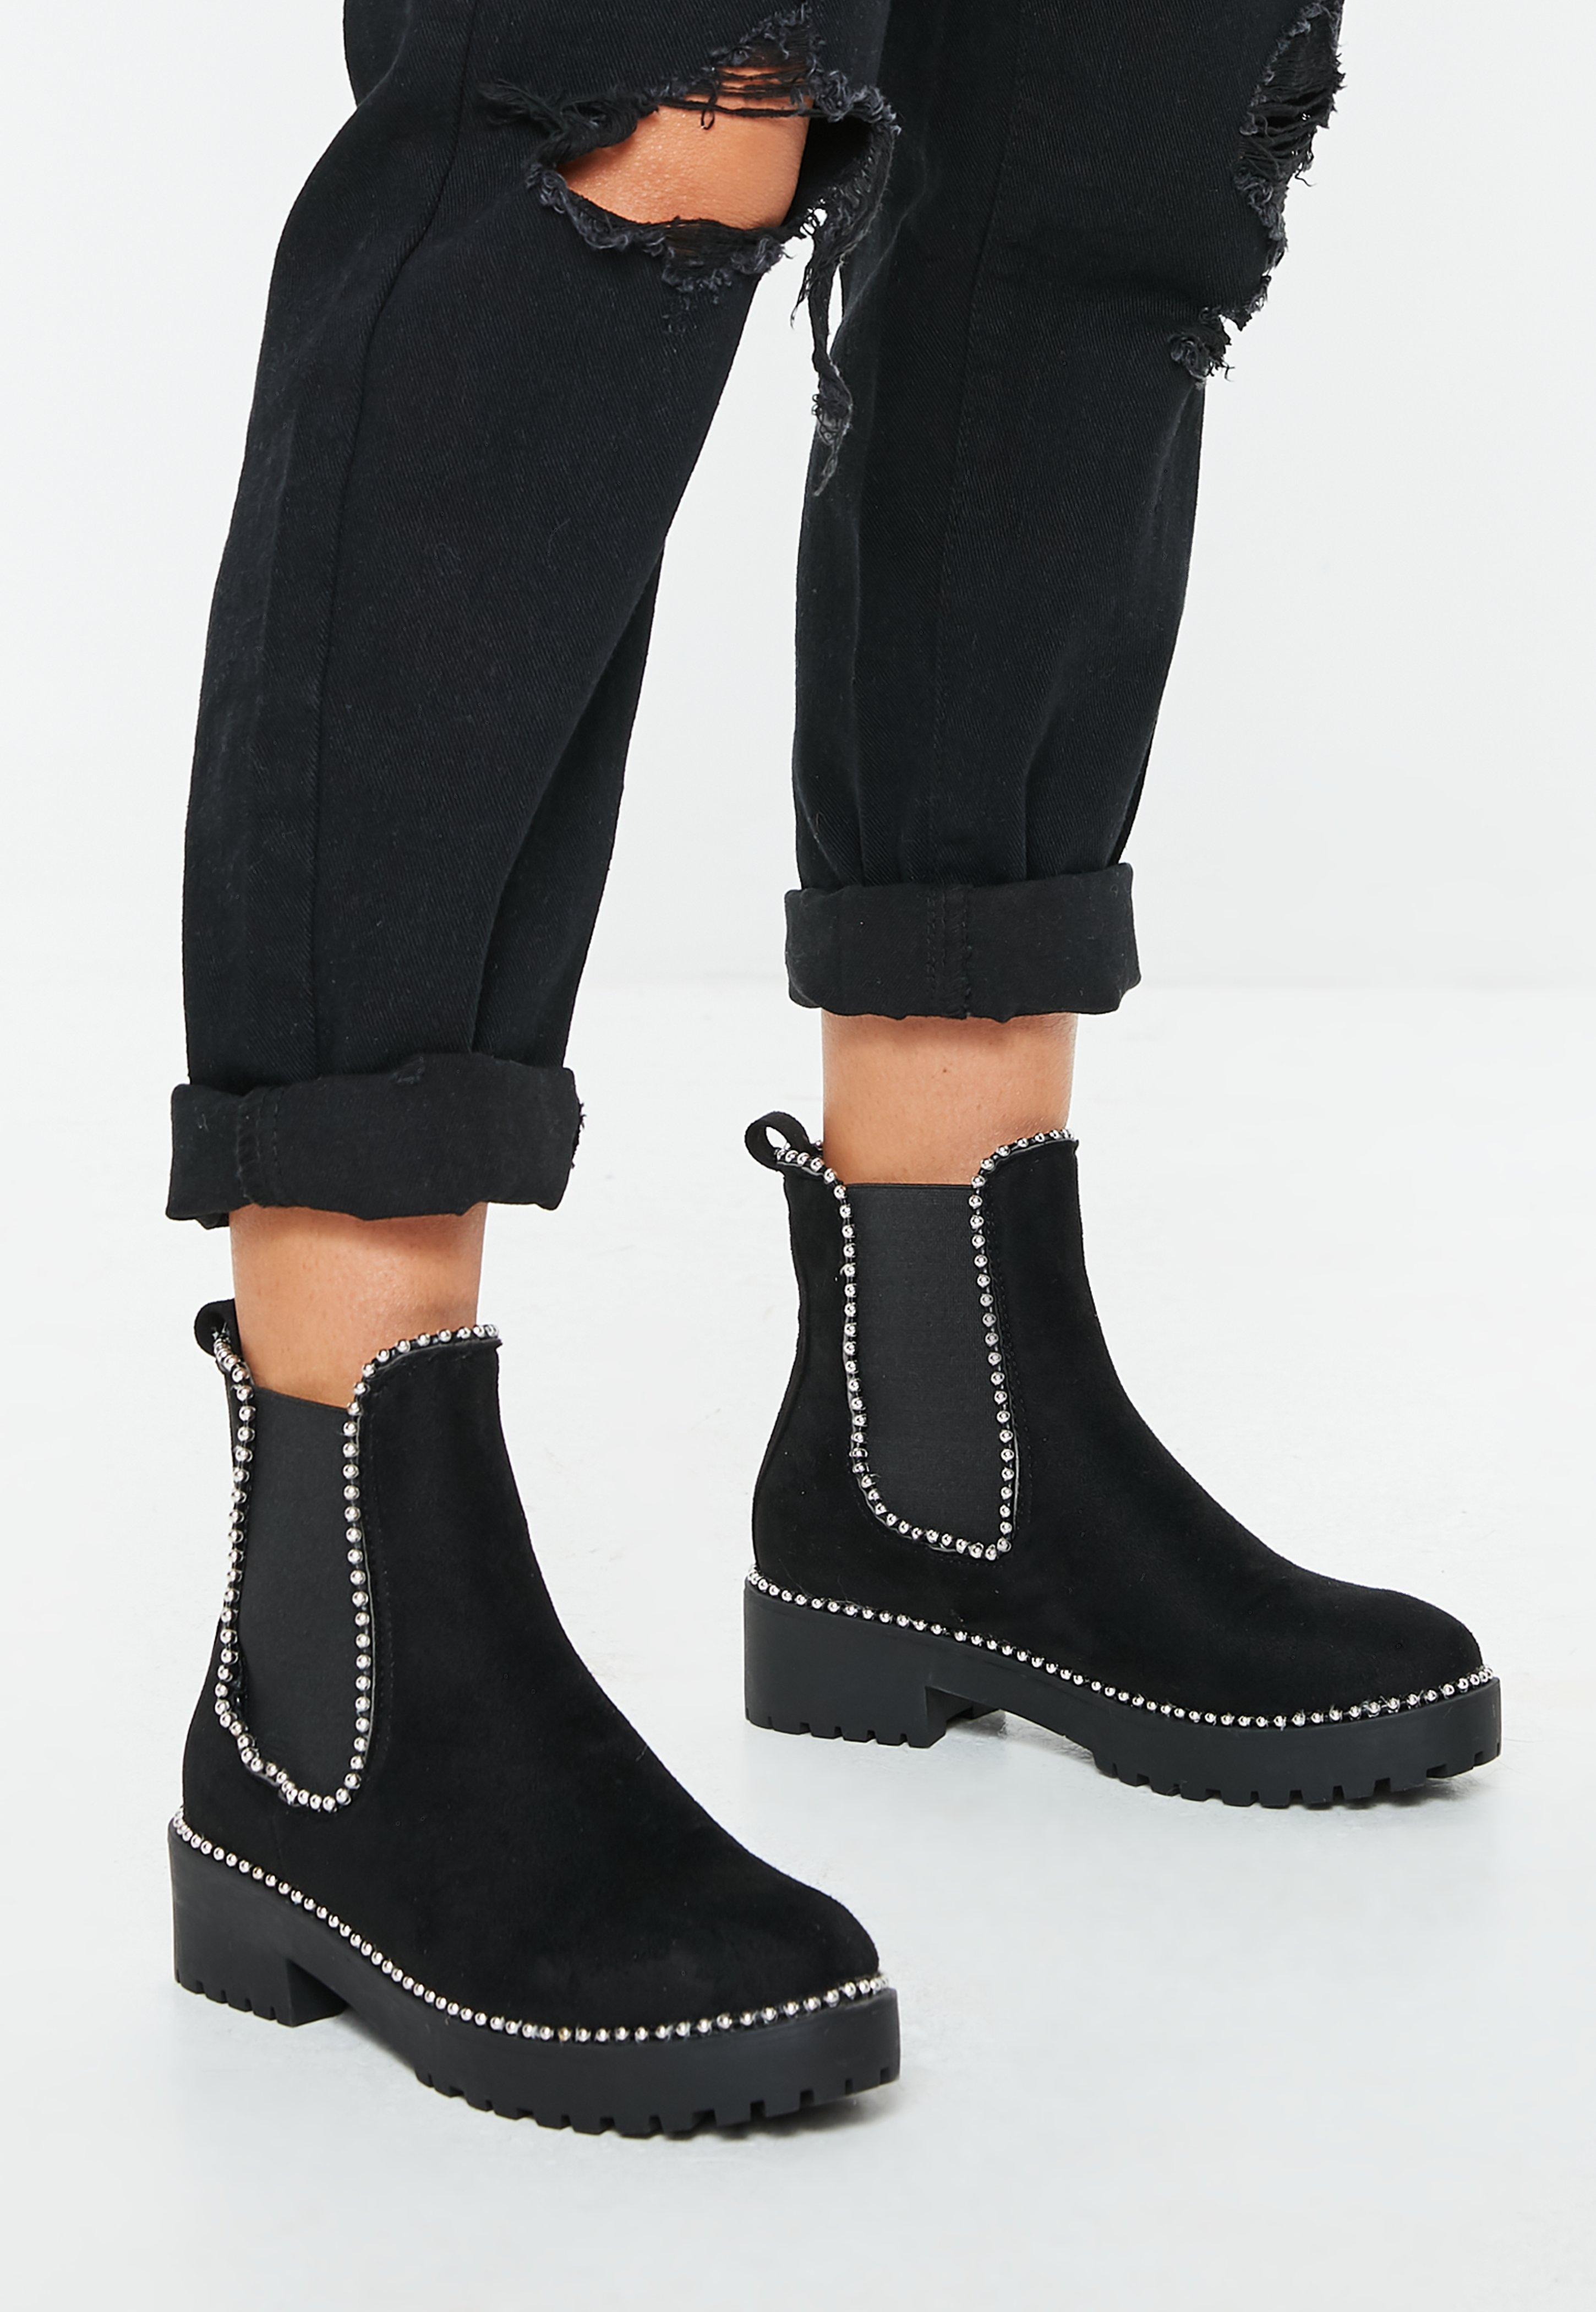 a5bed0bcece5 Women s Boots